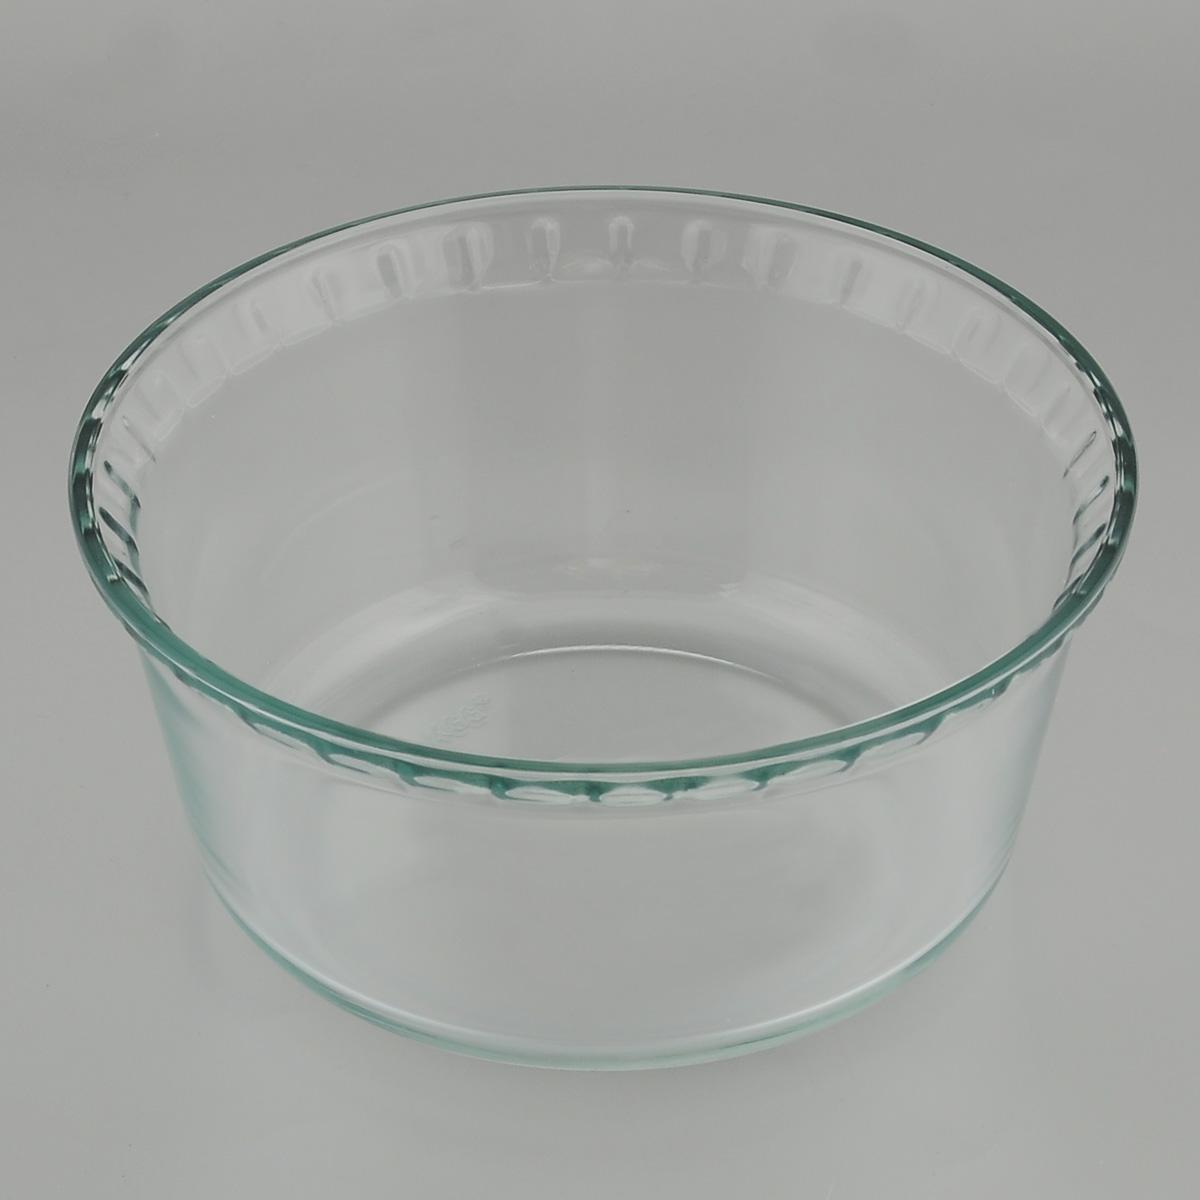 Форма для запекания Mijotex, круглая, диаметр 21 смPL22Глубокая круглая форма для запекания Mijotex изготовлена из жаропрочного стекла, которое выдерживает температуру до +450°С. Форма предназначена для приготовления горячих блюд. Материал изделия гигиеничен, прост в уходе и обладает высокой степенью прочности. Форма идеально подходит для использования в духовках, микроволновых печах, холодильниках и морозильных камерах. Также ее можно использовать на газовых плитах (на слабом огне) и на электроплитах. Можно мыть в посудомоечной машине. Диаметр формы: 21 см. Высота стенки формы: 10 см.